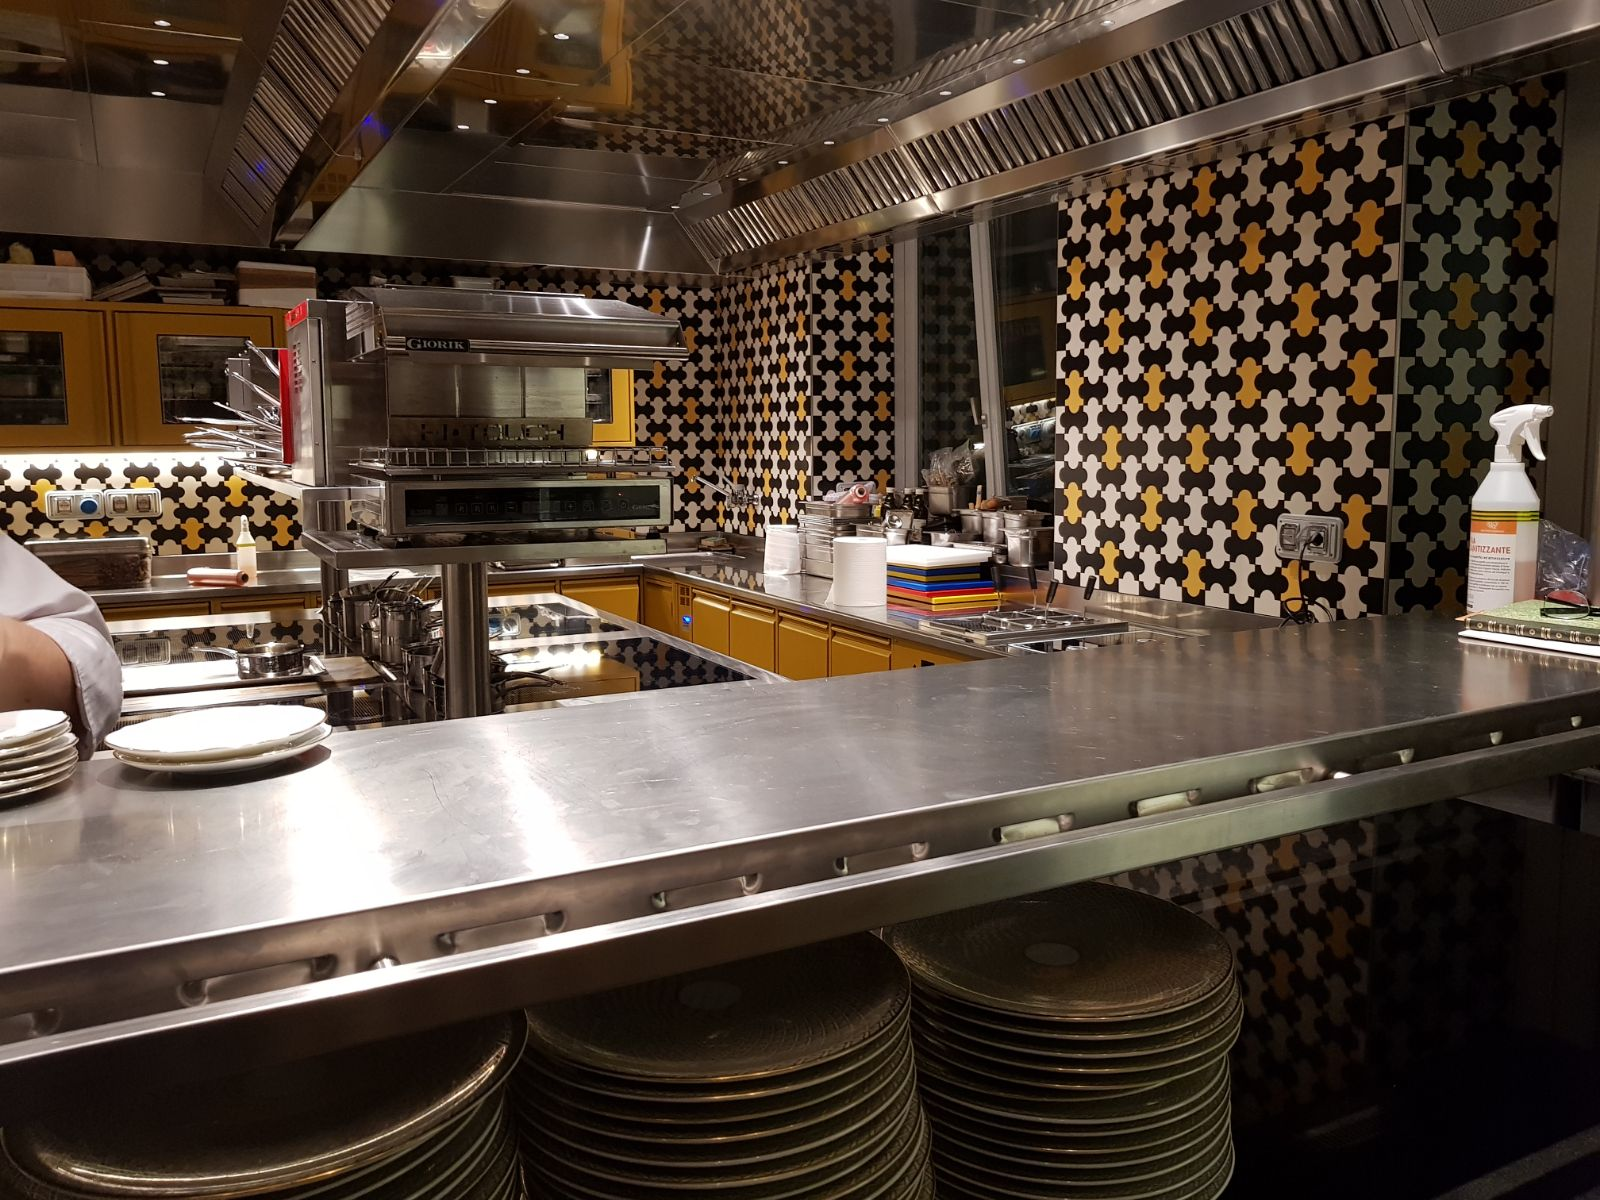 La cucina di Carlo Cracco